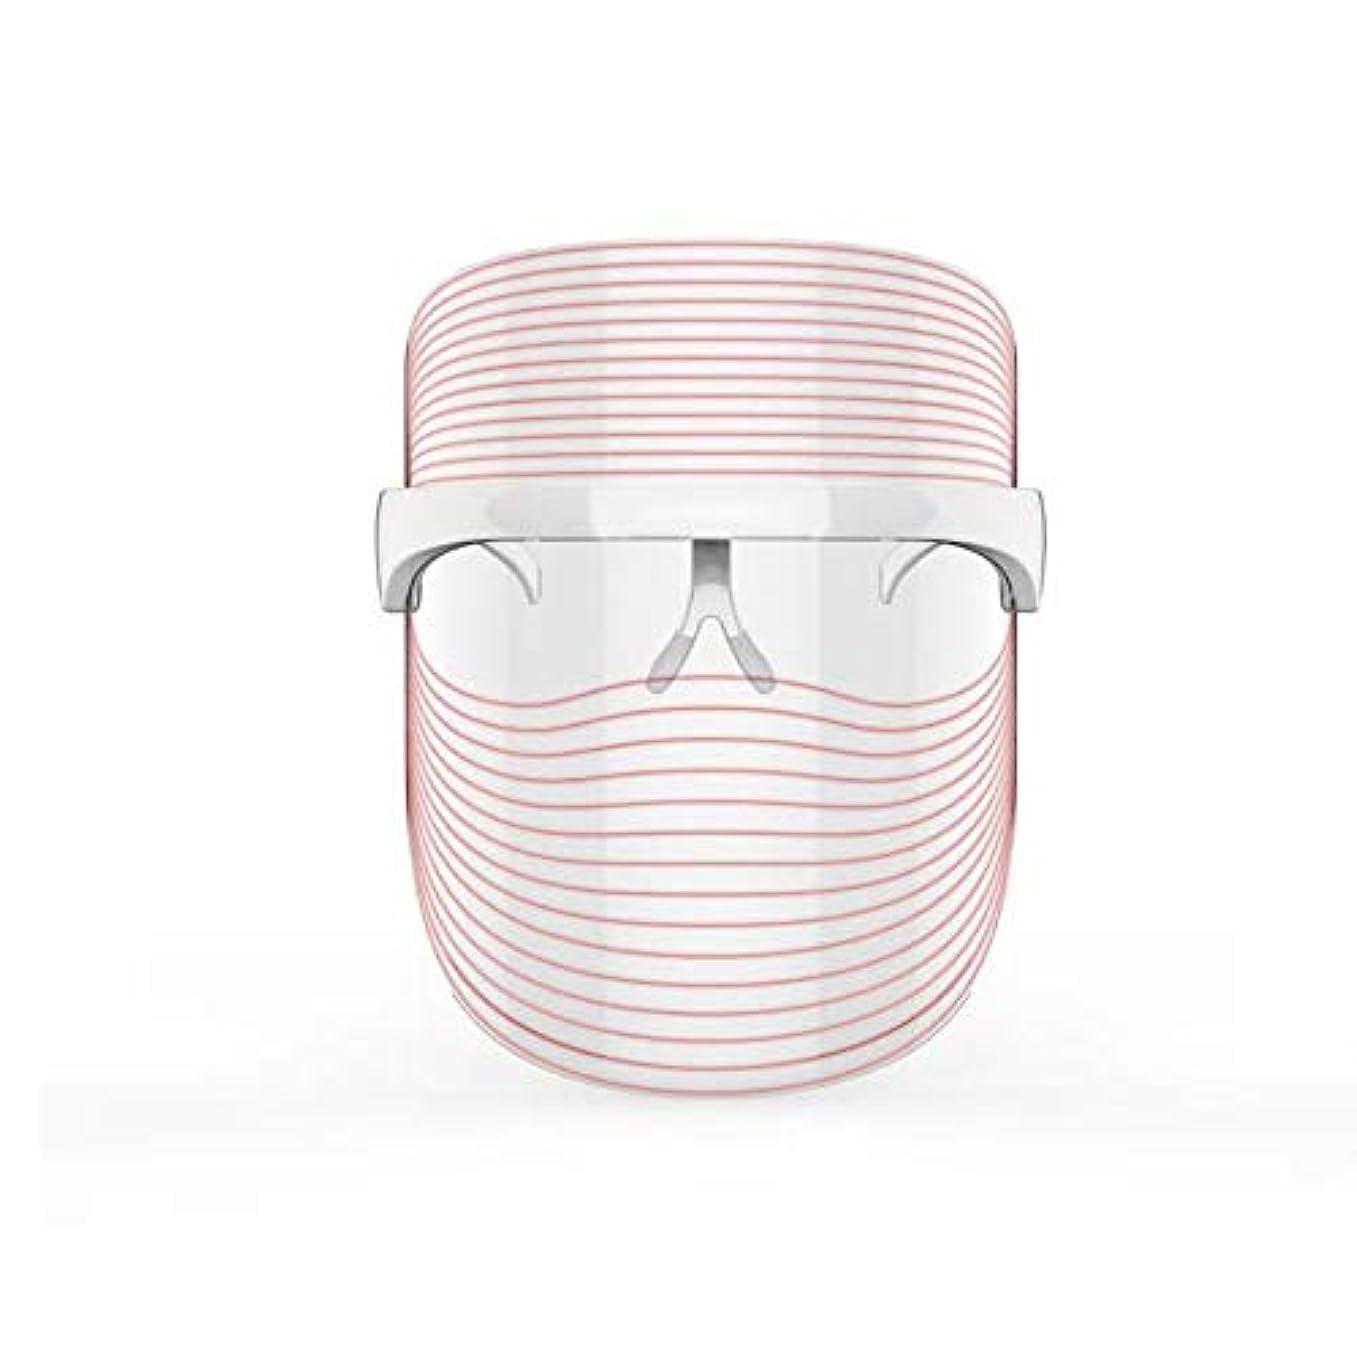 ホイッスル大佐個人的な3色LEDマスクフェイス&ネックネオン白熱LEDフェイスマスク電動フェイシャルスキンケアフェイススキンビューティー